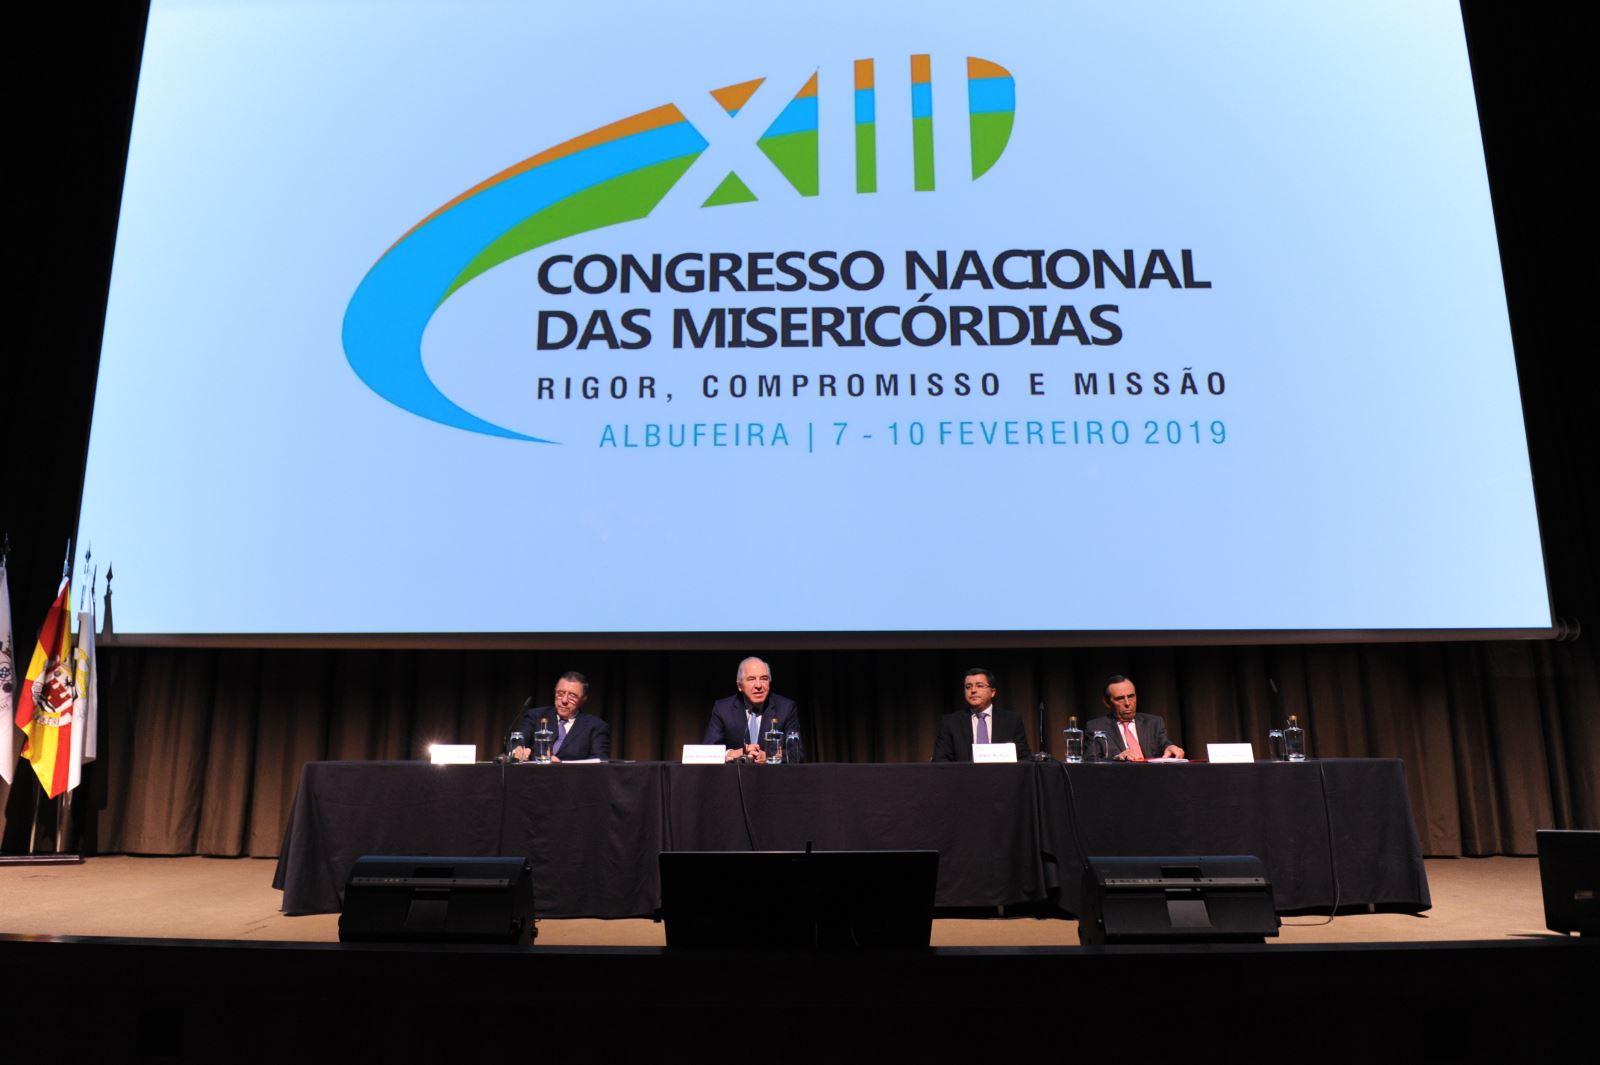 Congresso Nacional | Compromisso para contrariar  desertificação do interior